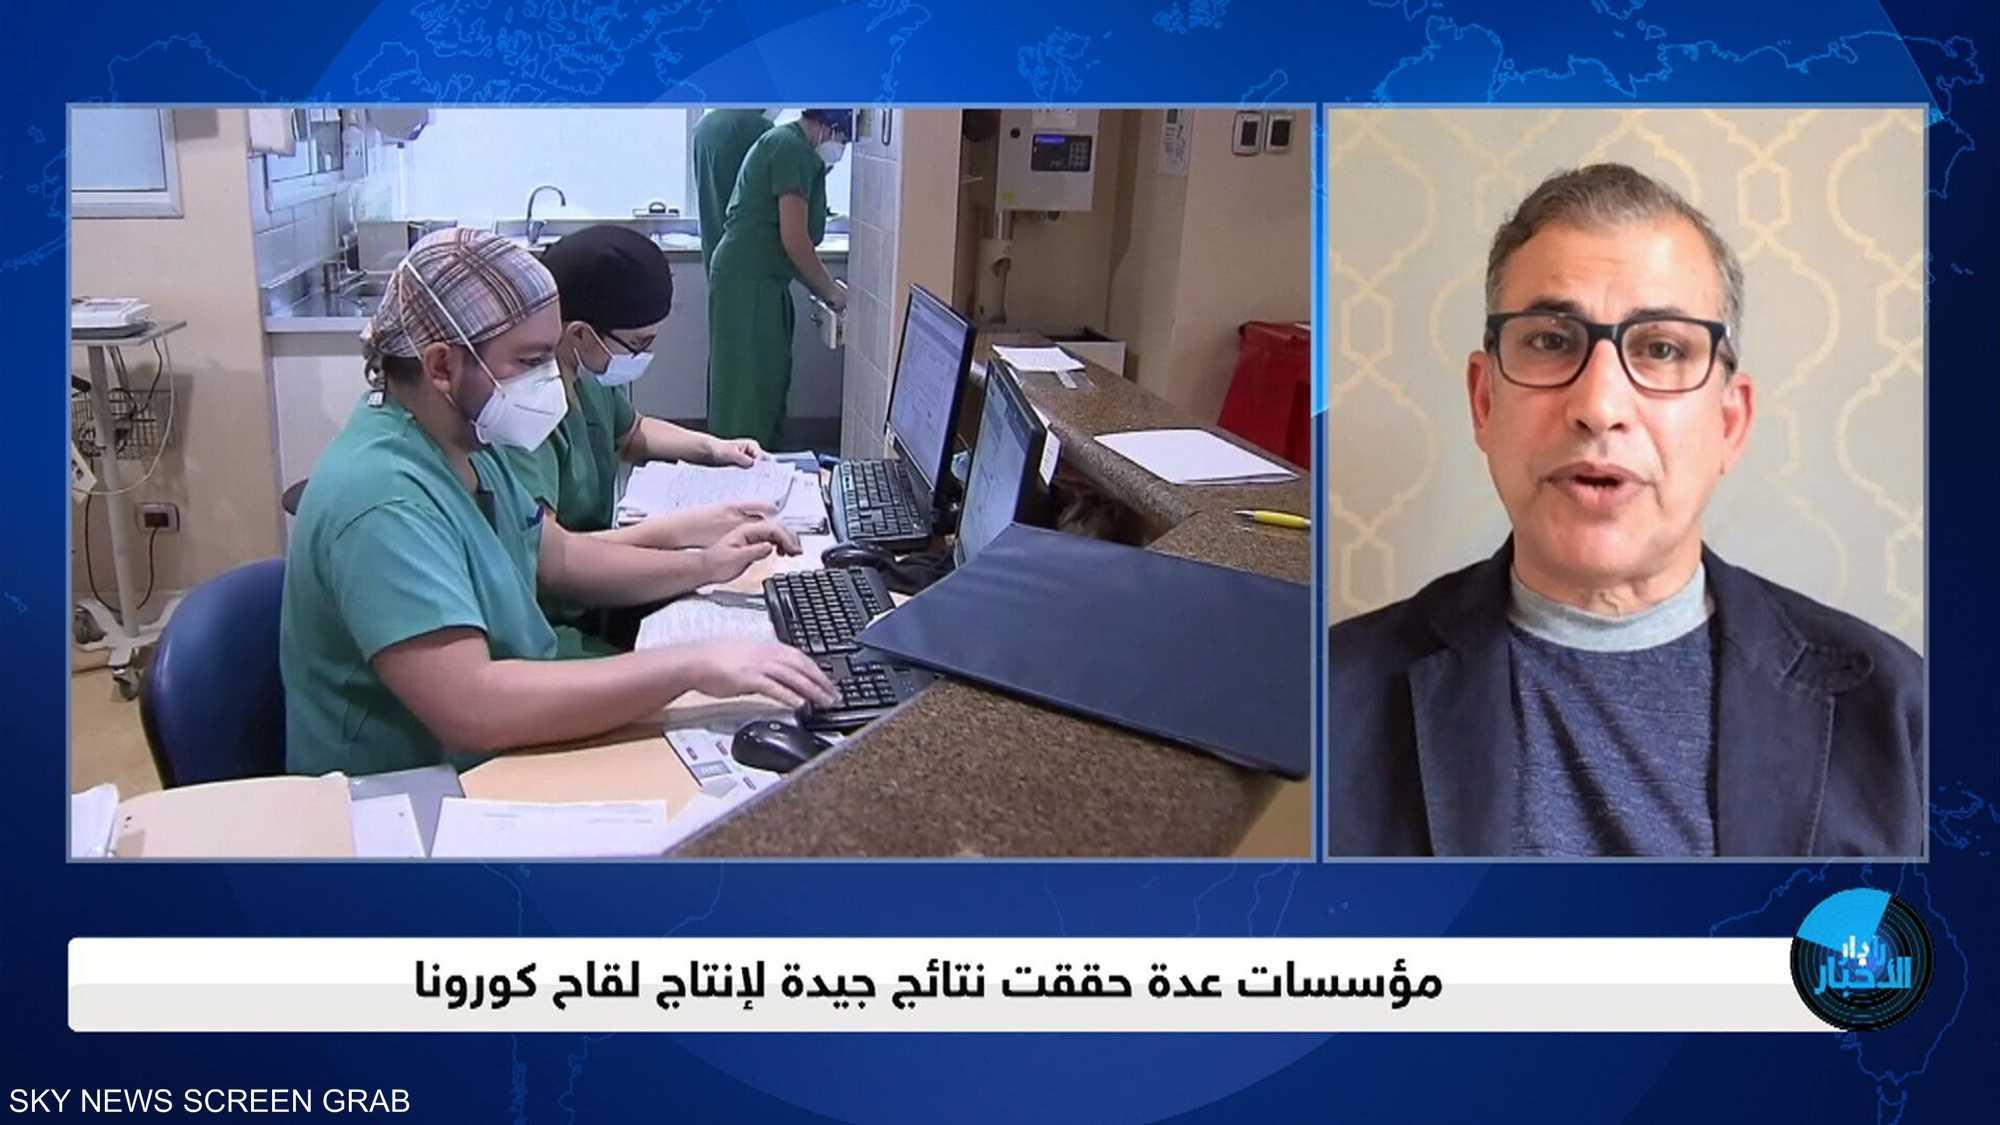 منظمة الصحة تحذر من آثار ستبقى لعقود بسبب وباء كورونا